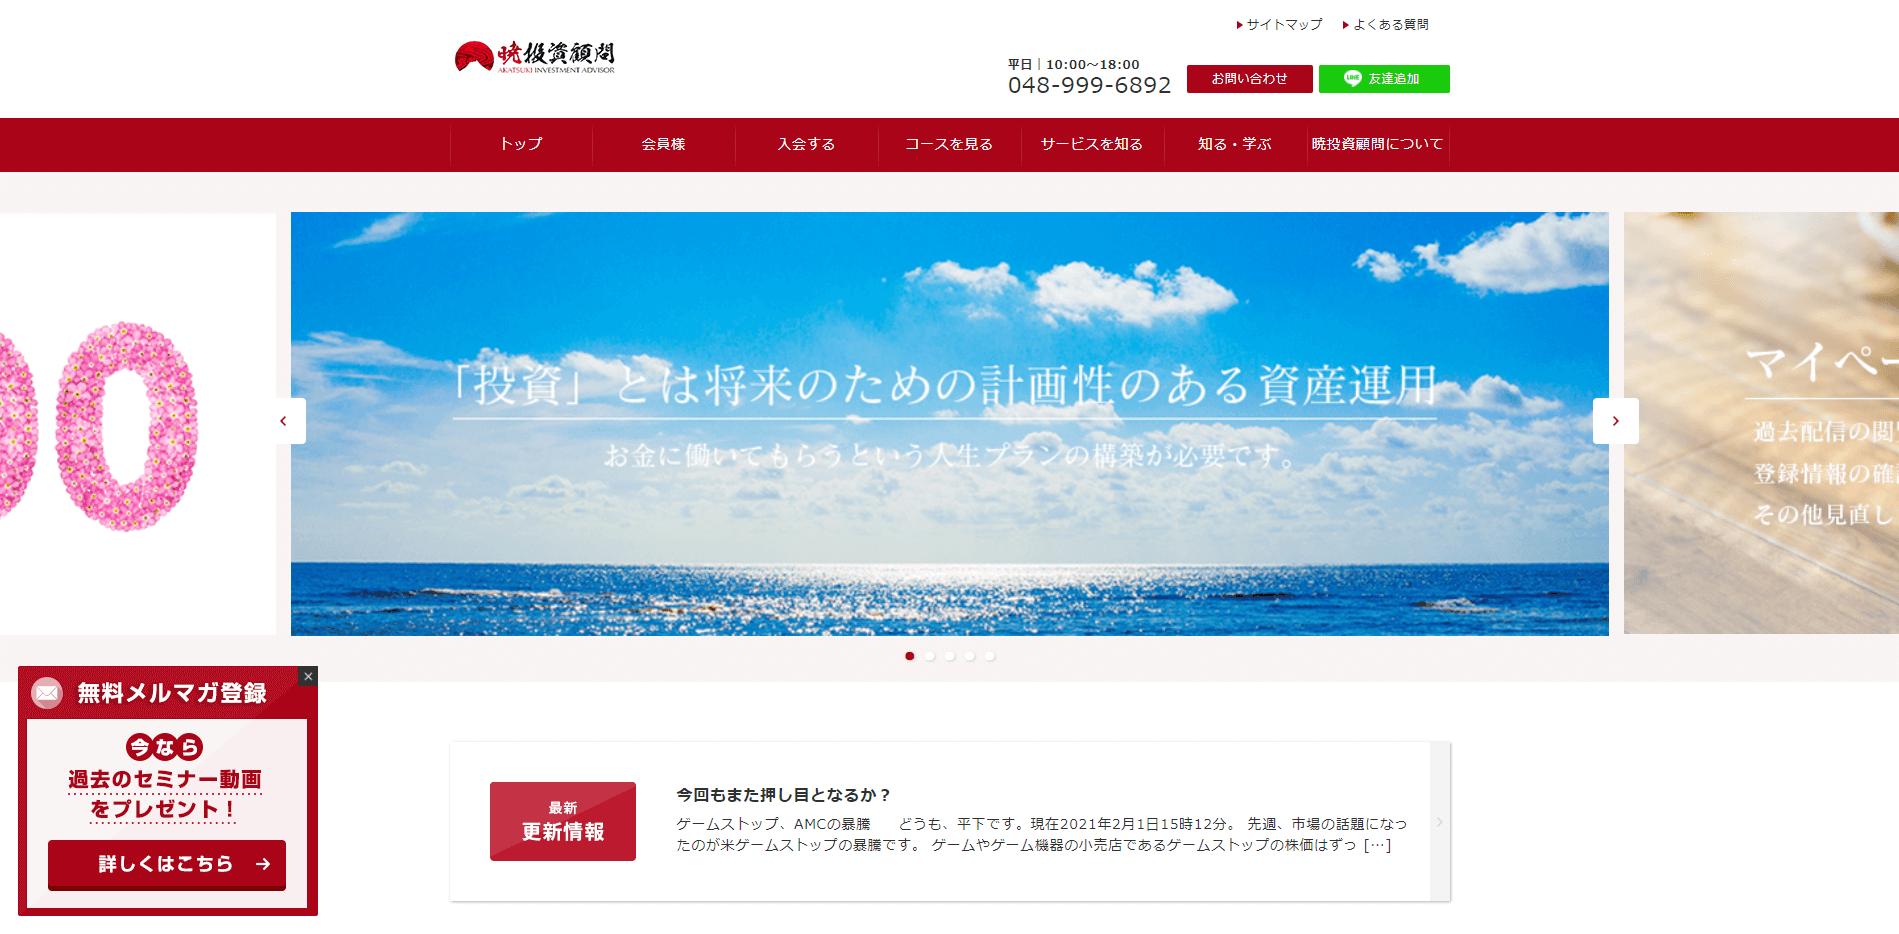 暁投資顧問サムネイル